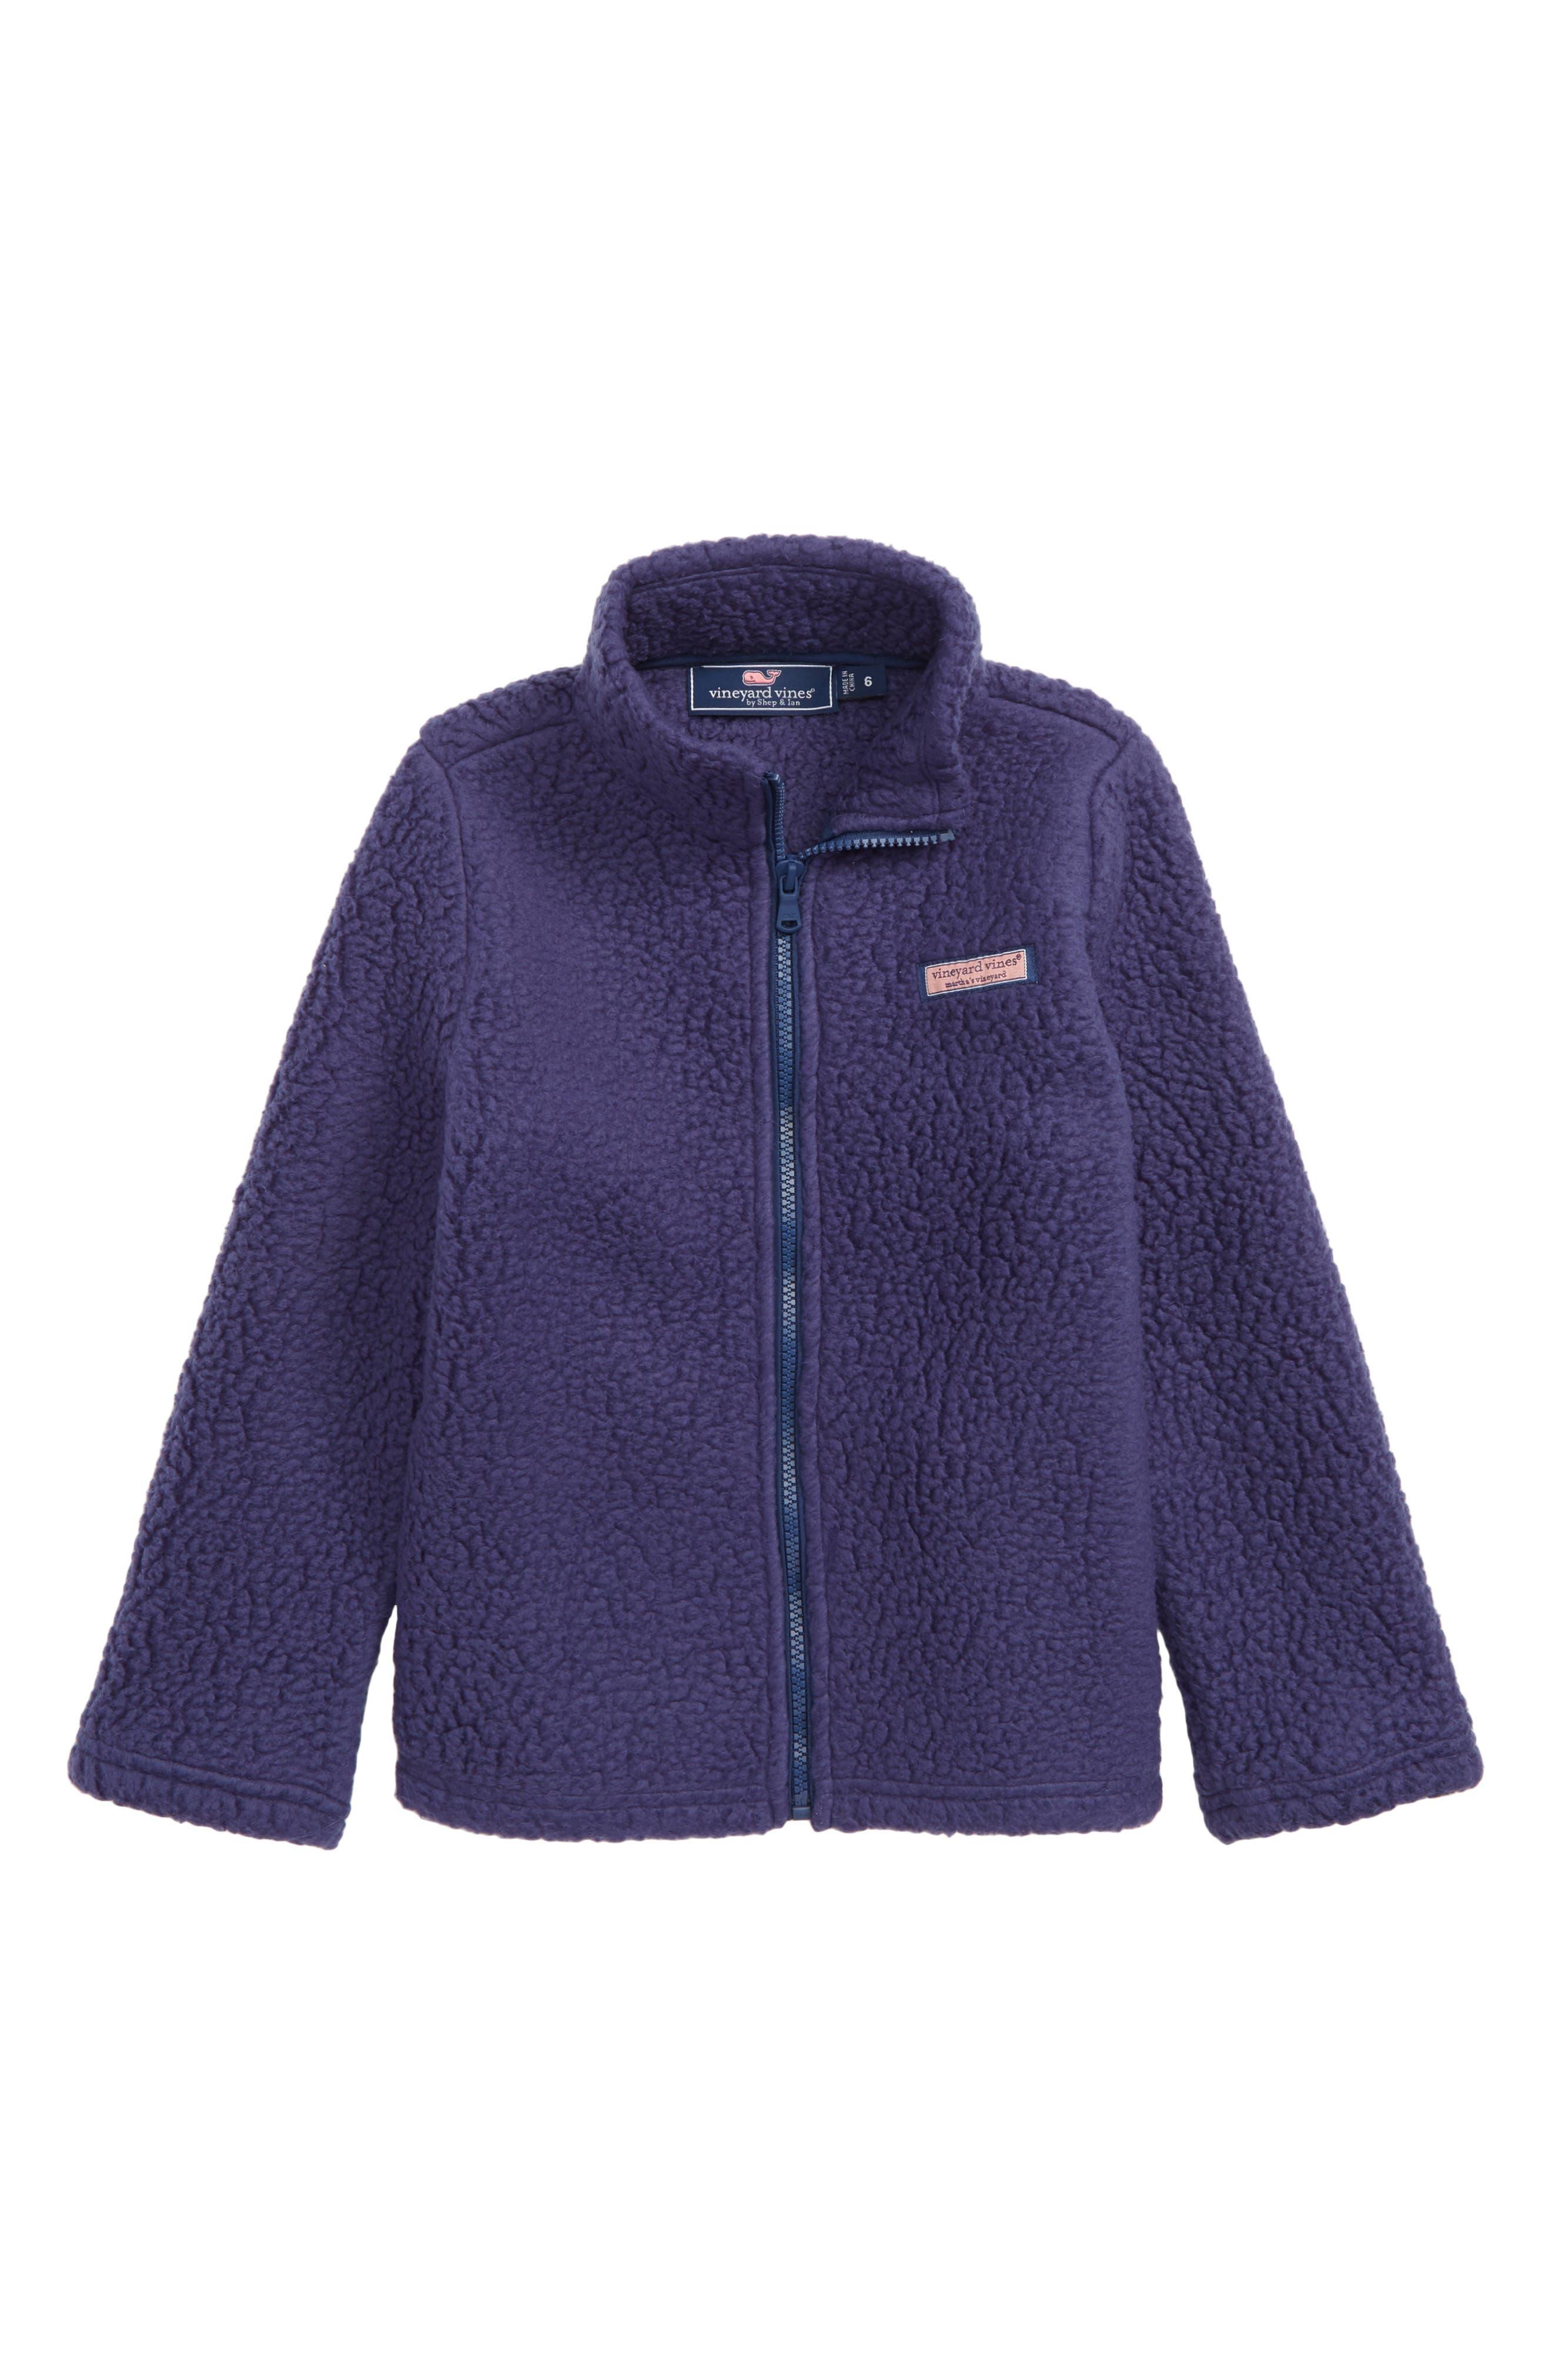 Heritage Fleece Sweatshirt,                         Main,                         color, MOONSHINE